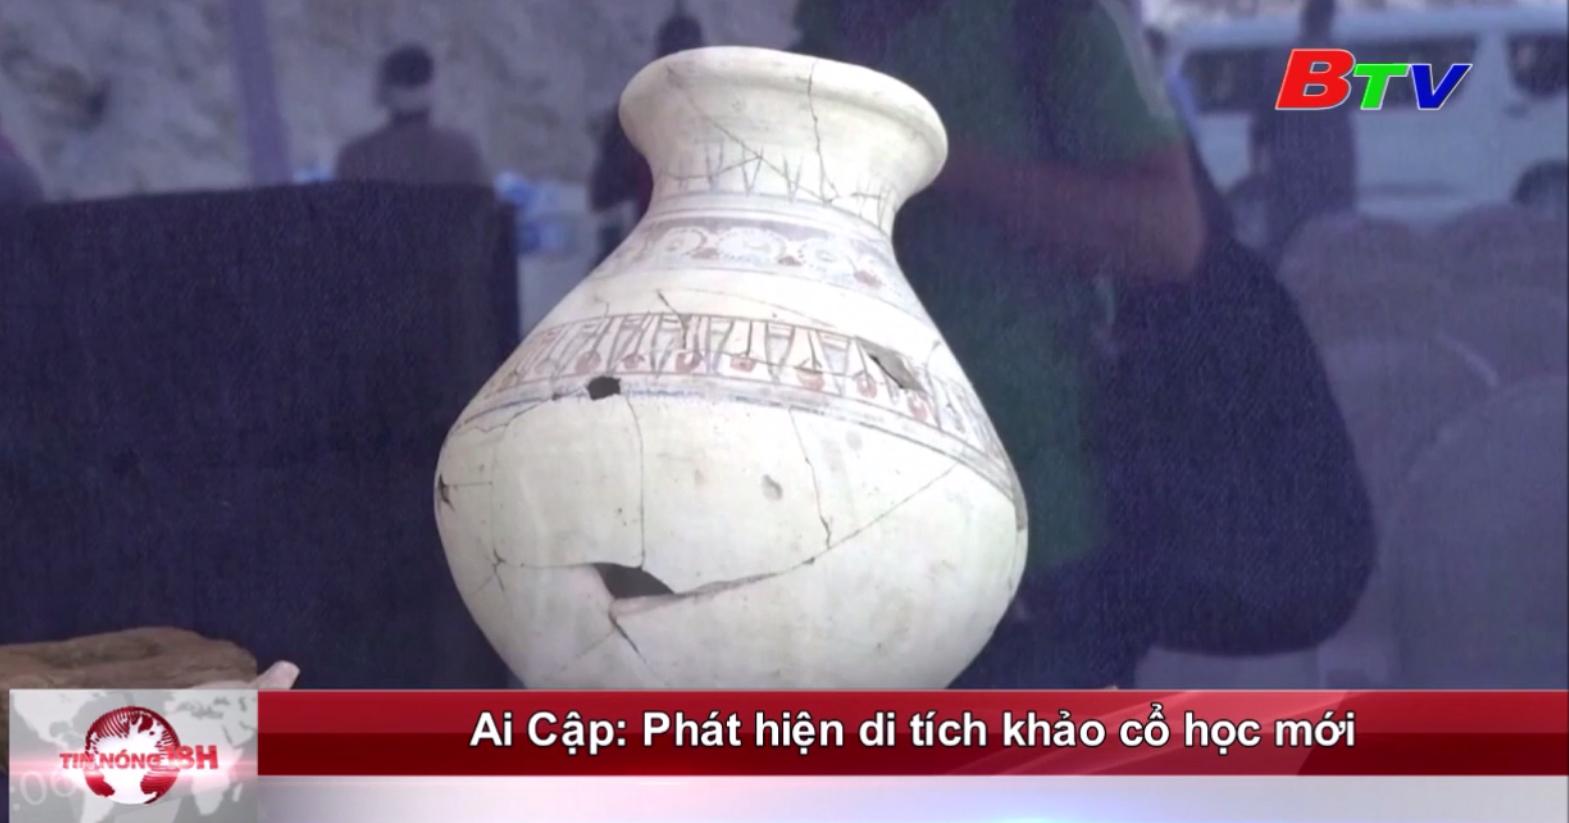 Ai Cập: Phát hiện di tích khảo cổ học mới